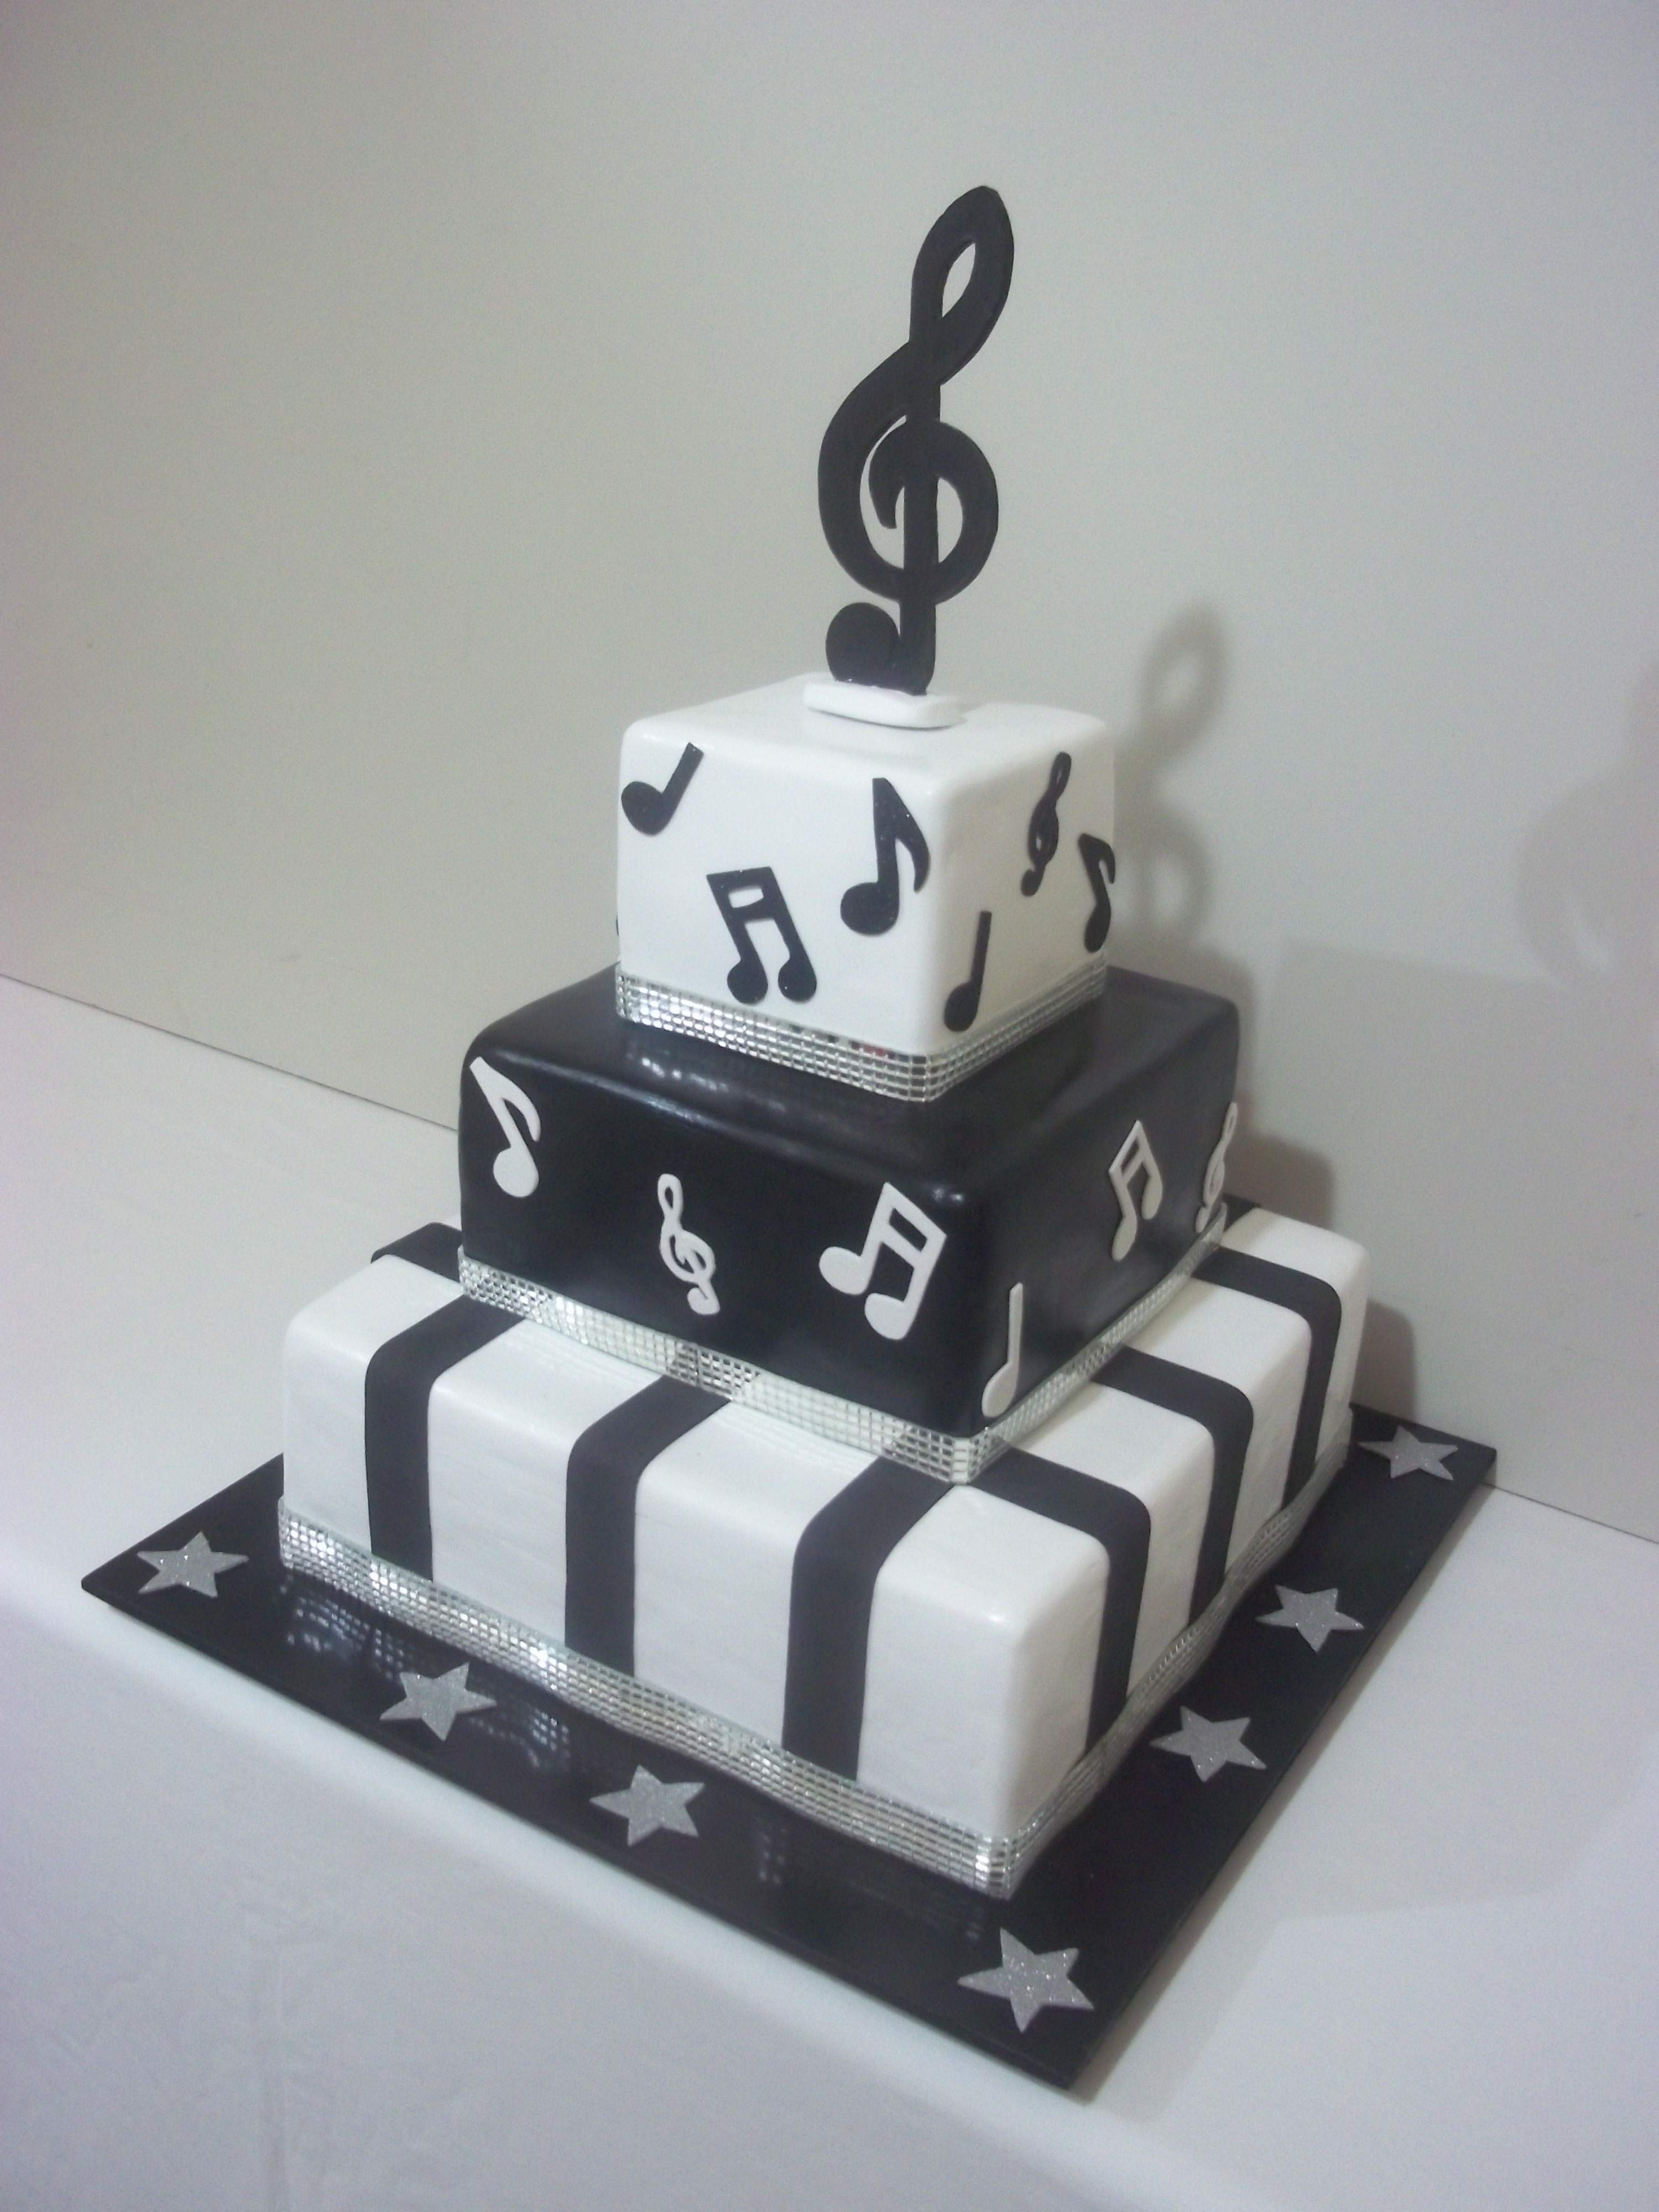 decoracao festa notas musicais:bolo cenografico de notas musicais bolo cenografico de notas musicais